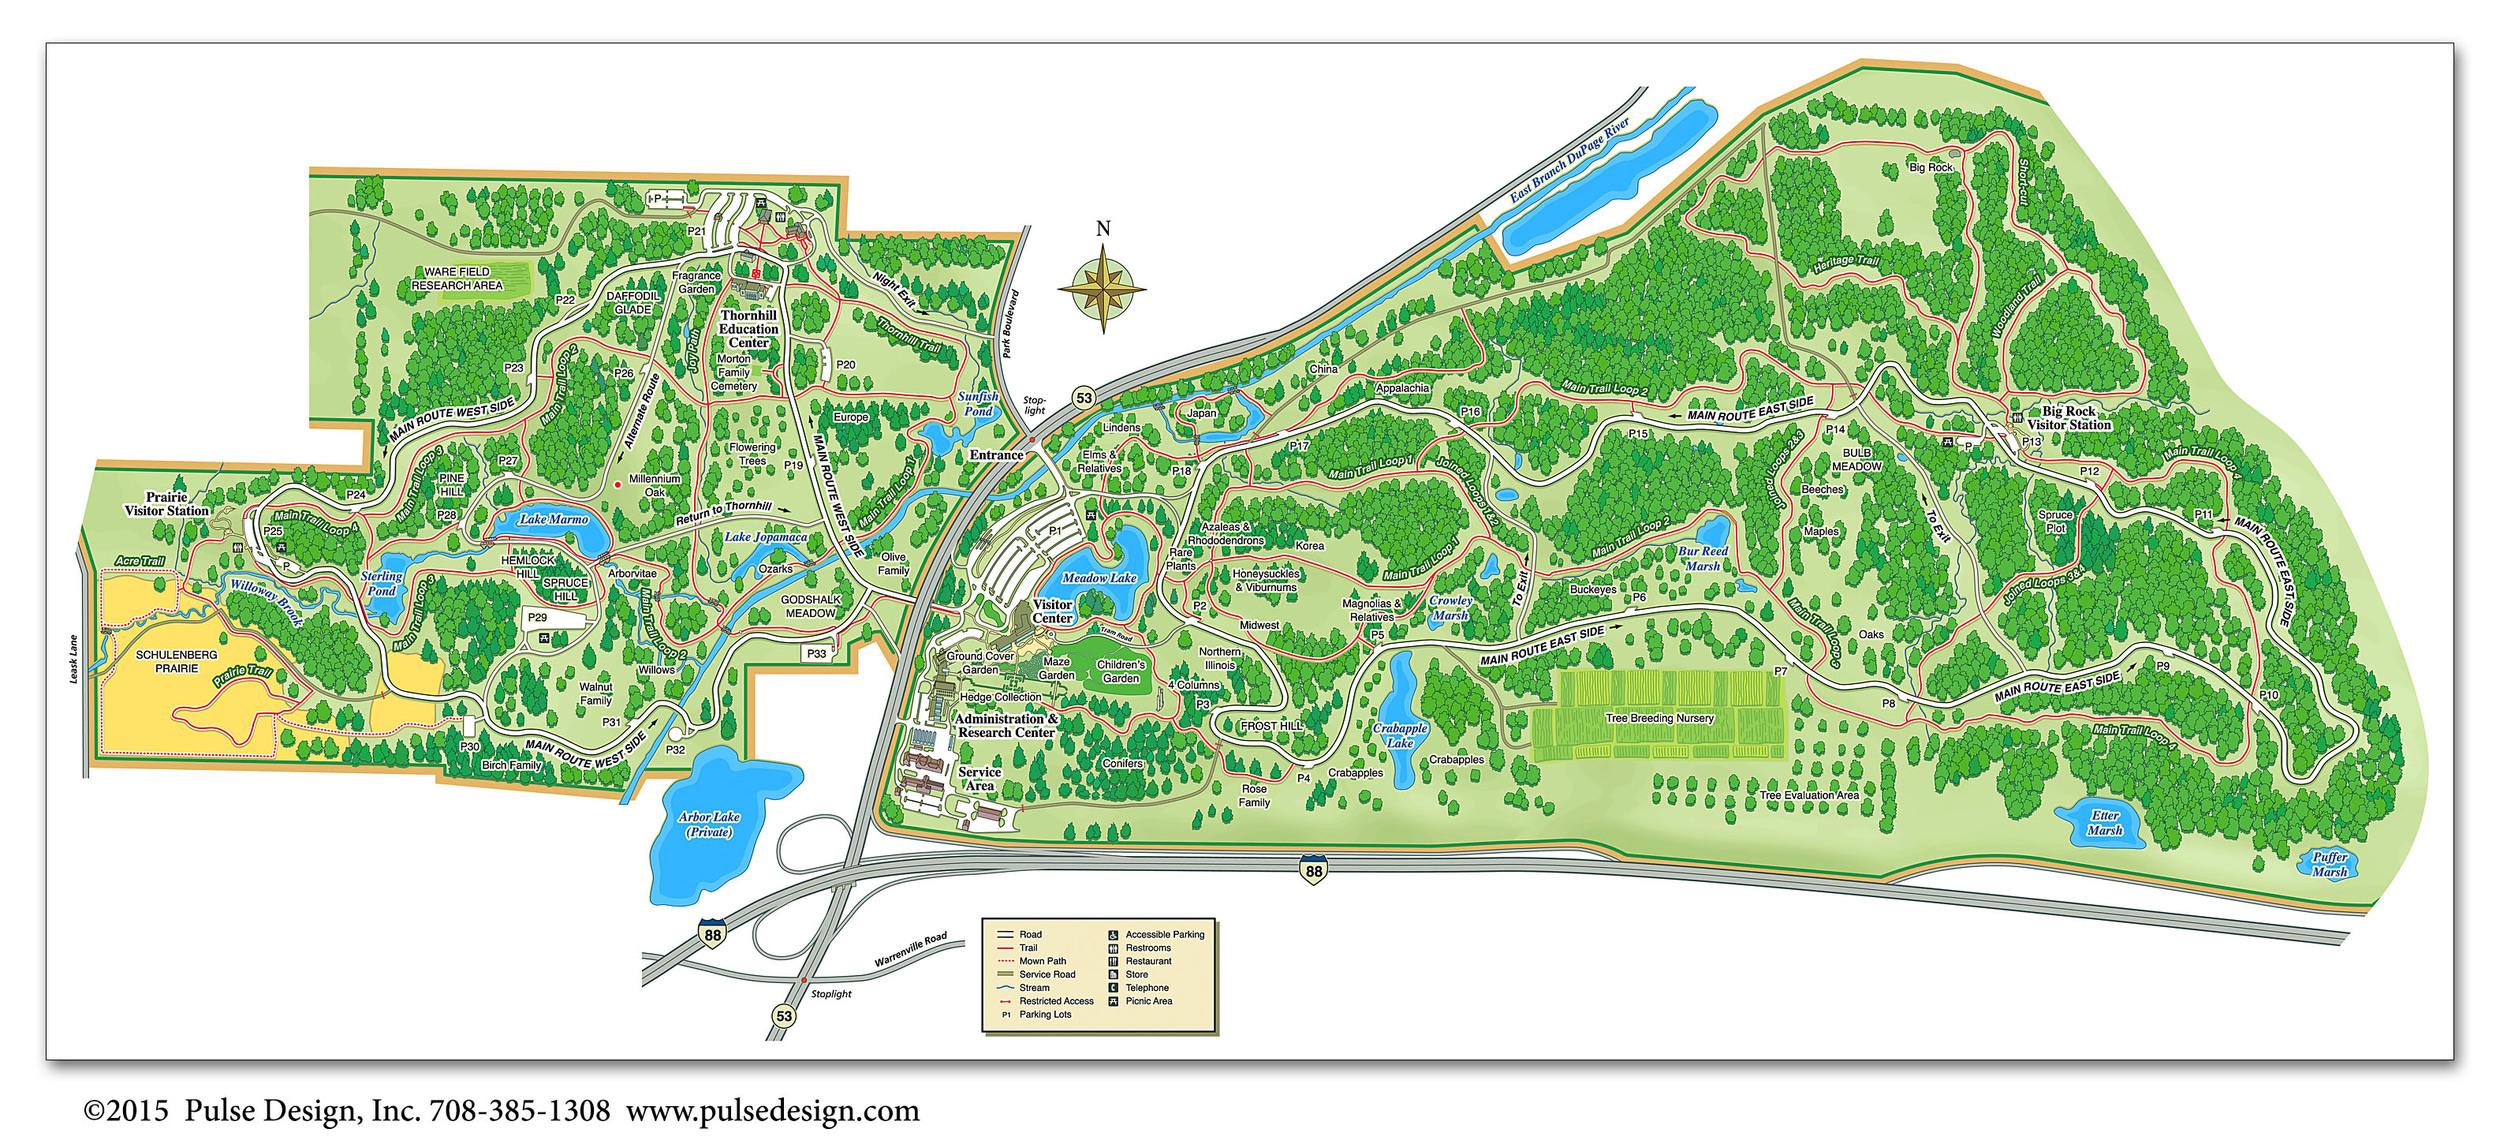 map-morton-arboretum-lg-pulse-design-inc.jpg